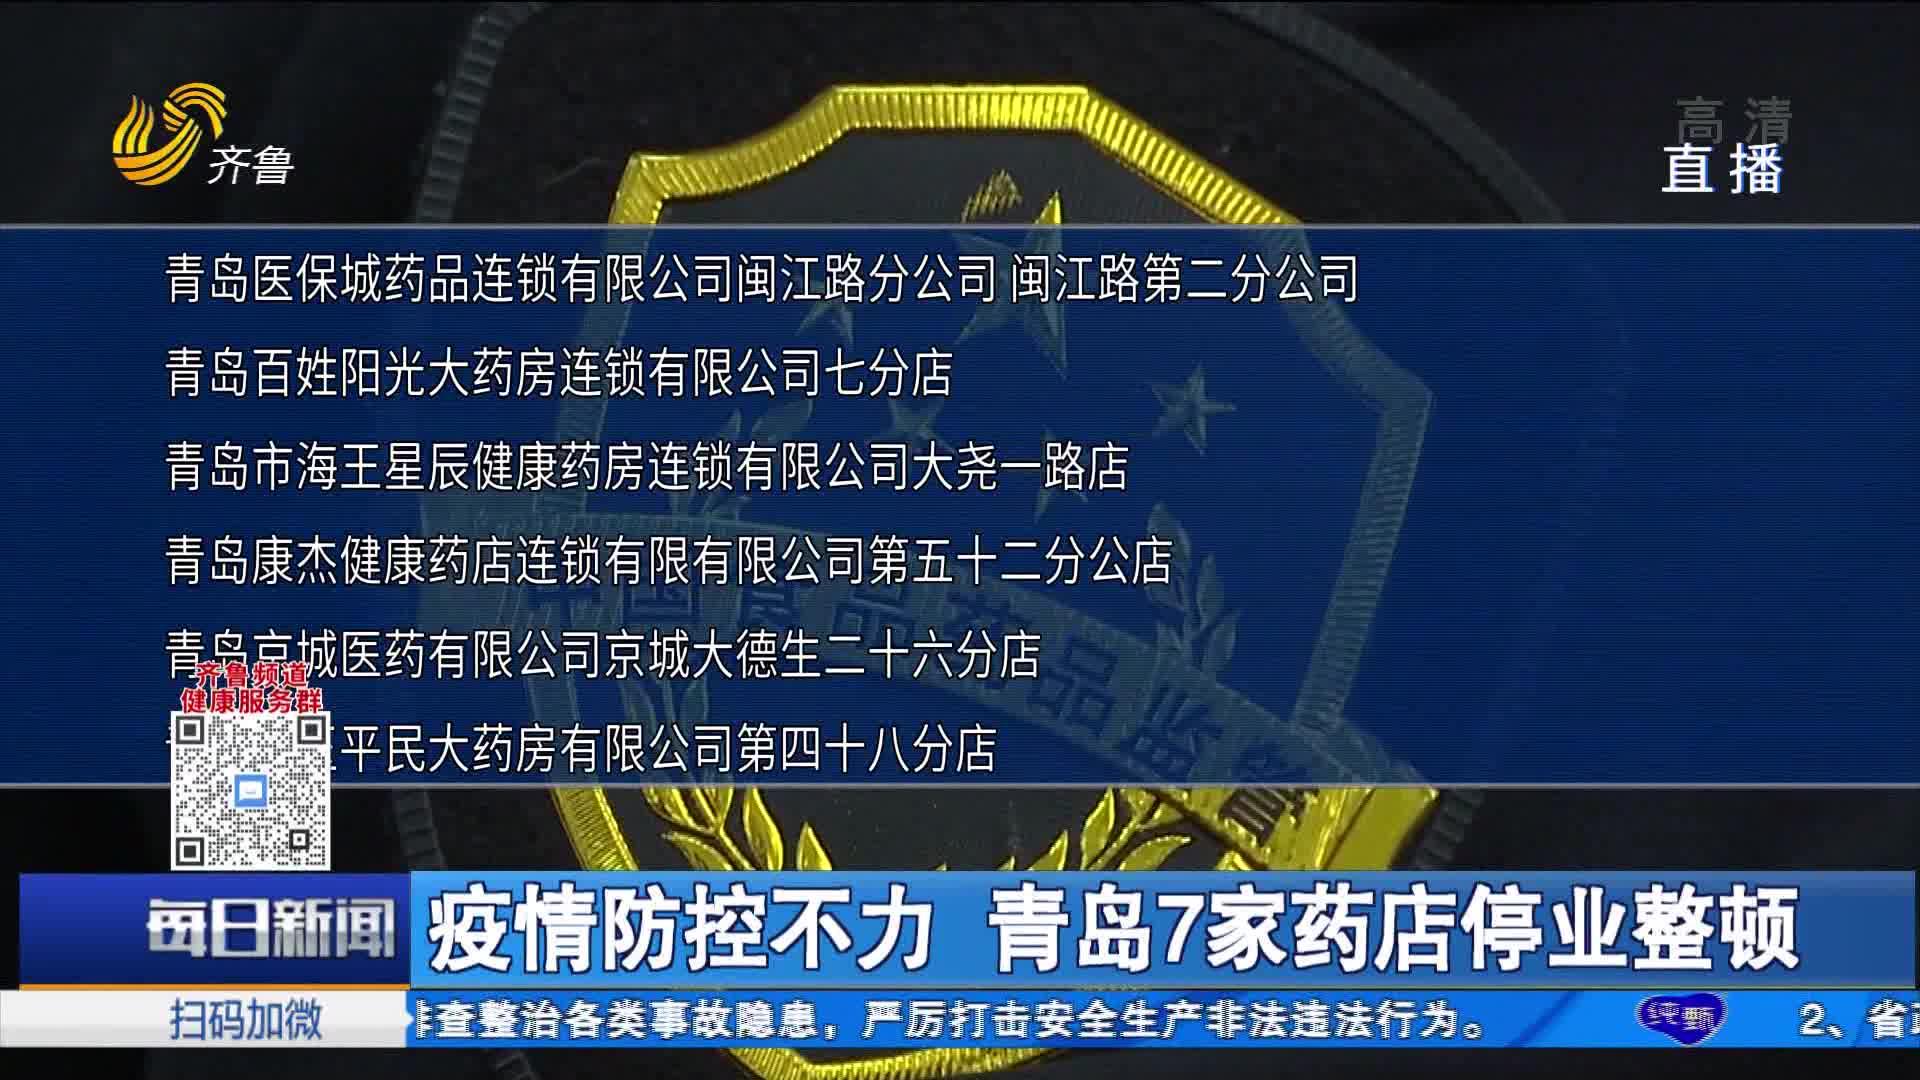 疫情防控不力 青岛7家药店停业整顿